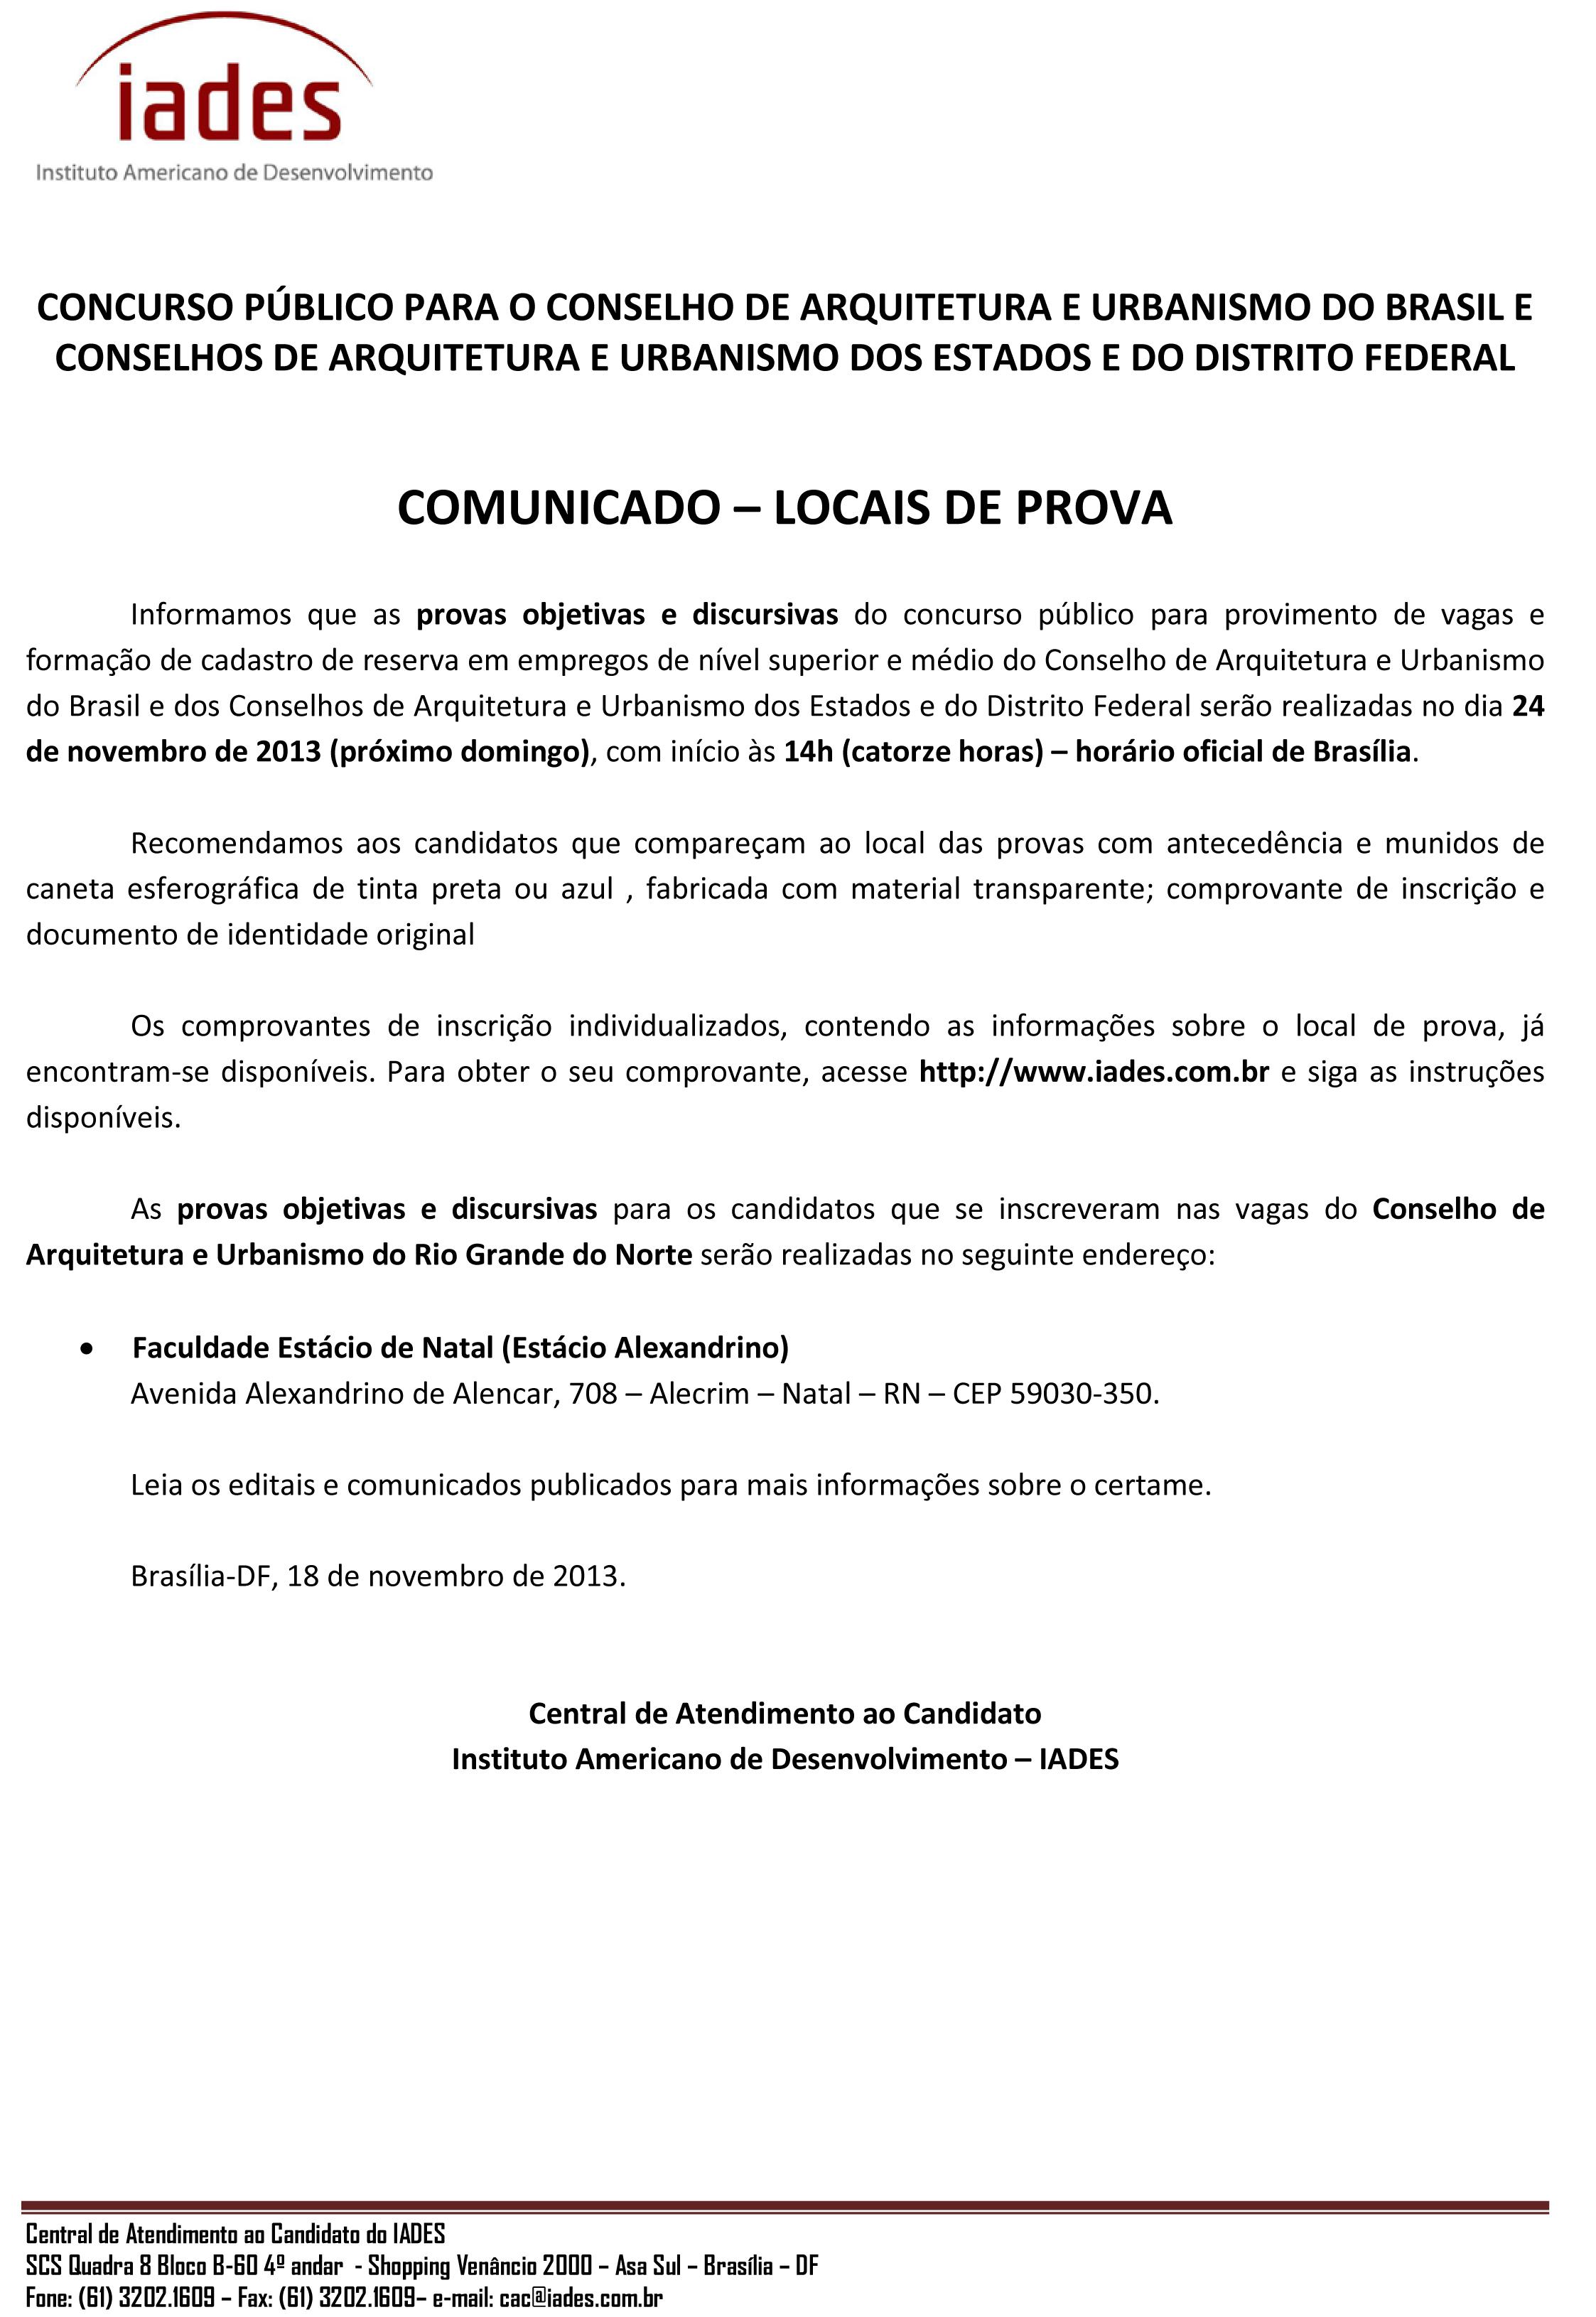 Concurso CAU RN – COMUNICADO – LOCAIS DE PROVA   CAU RN 6c5ceb1265